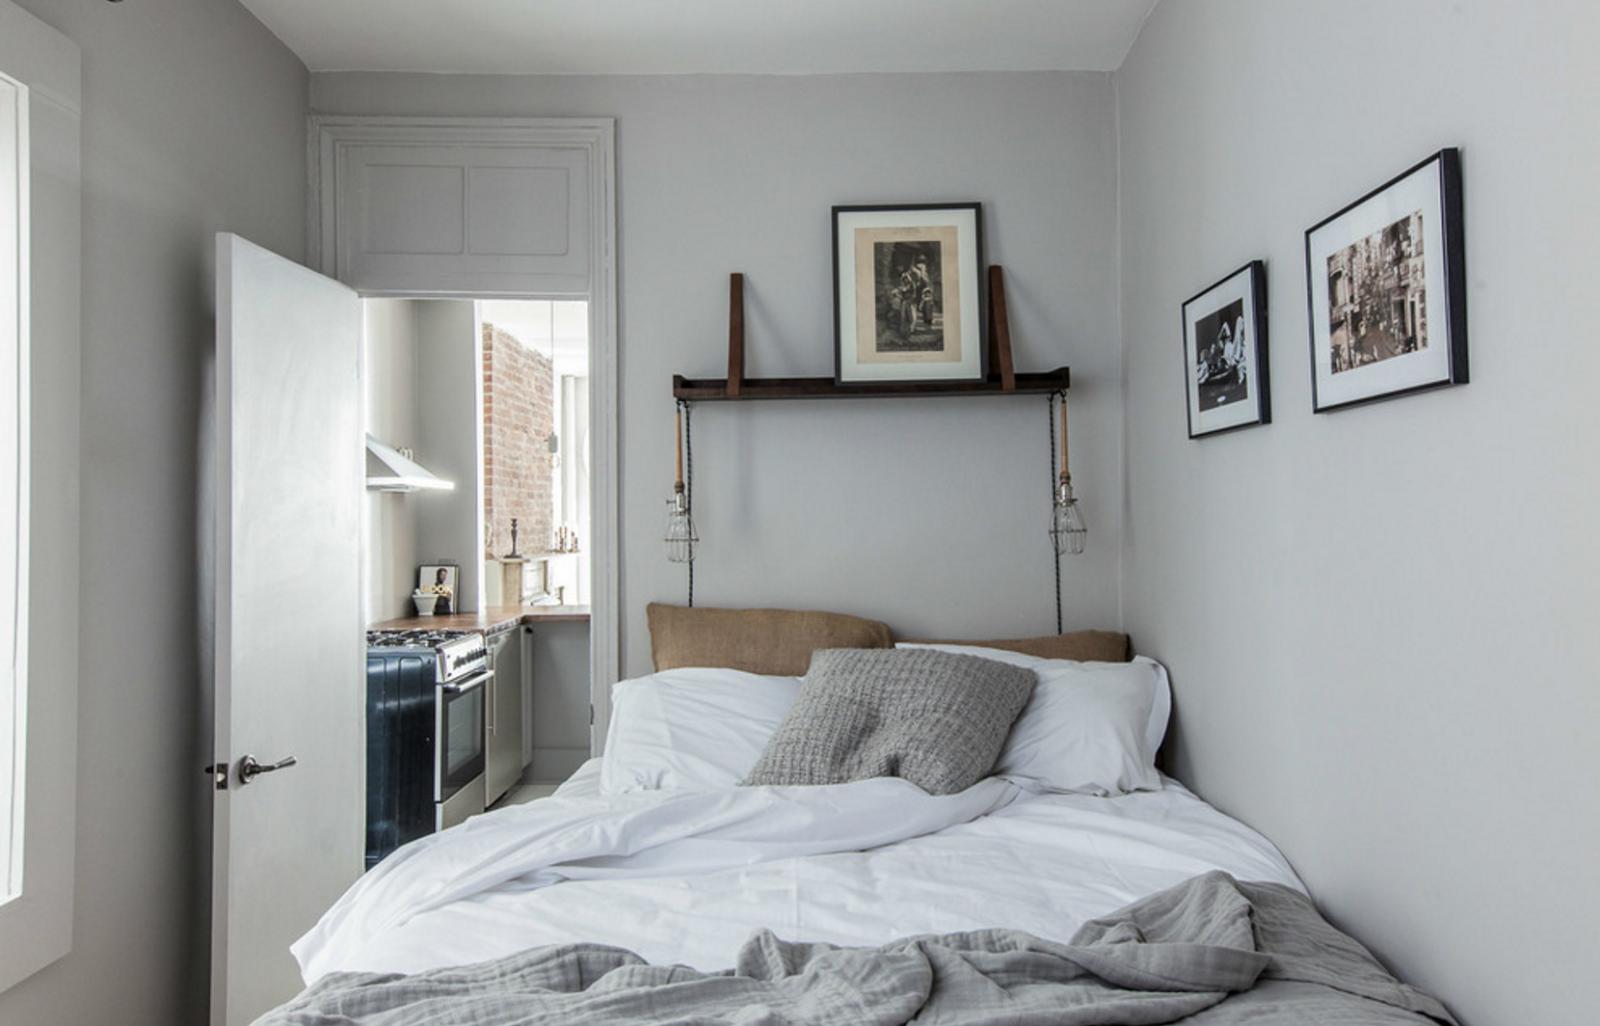 Desain Kamar Tidur Sederhana Minimalis Sobat Interior Rumah